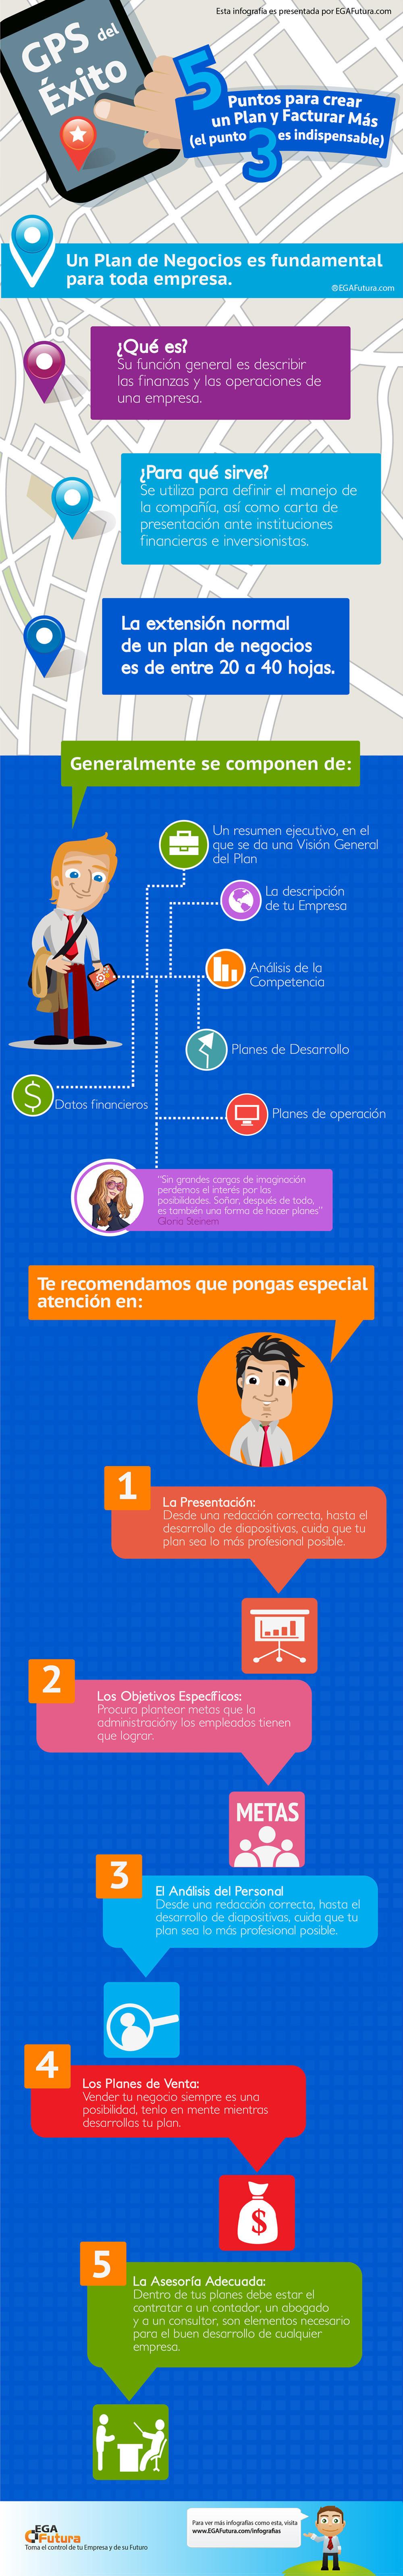 Infografía: GPS del Éxito: 5 Puntos para crear un Plan y Facturar Más (El punto 3 es Indispensable)